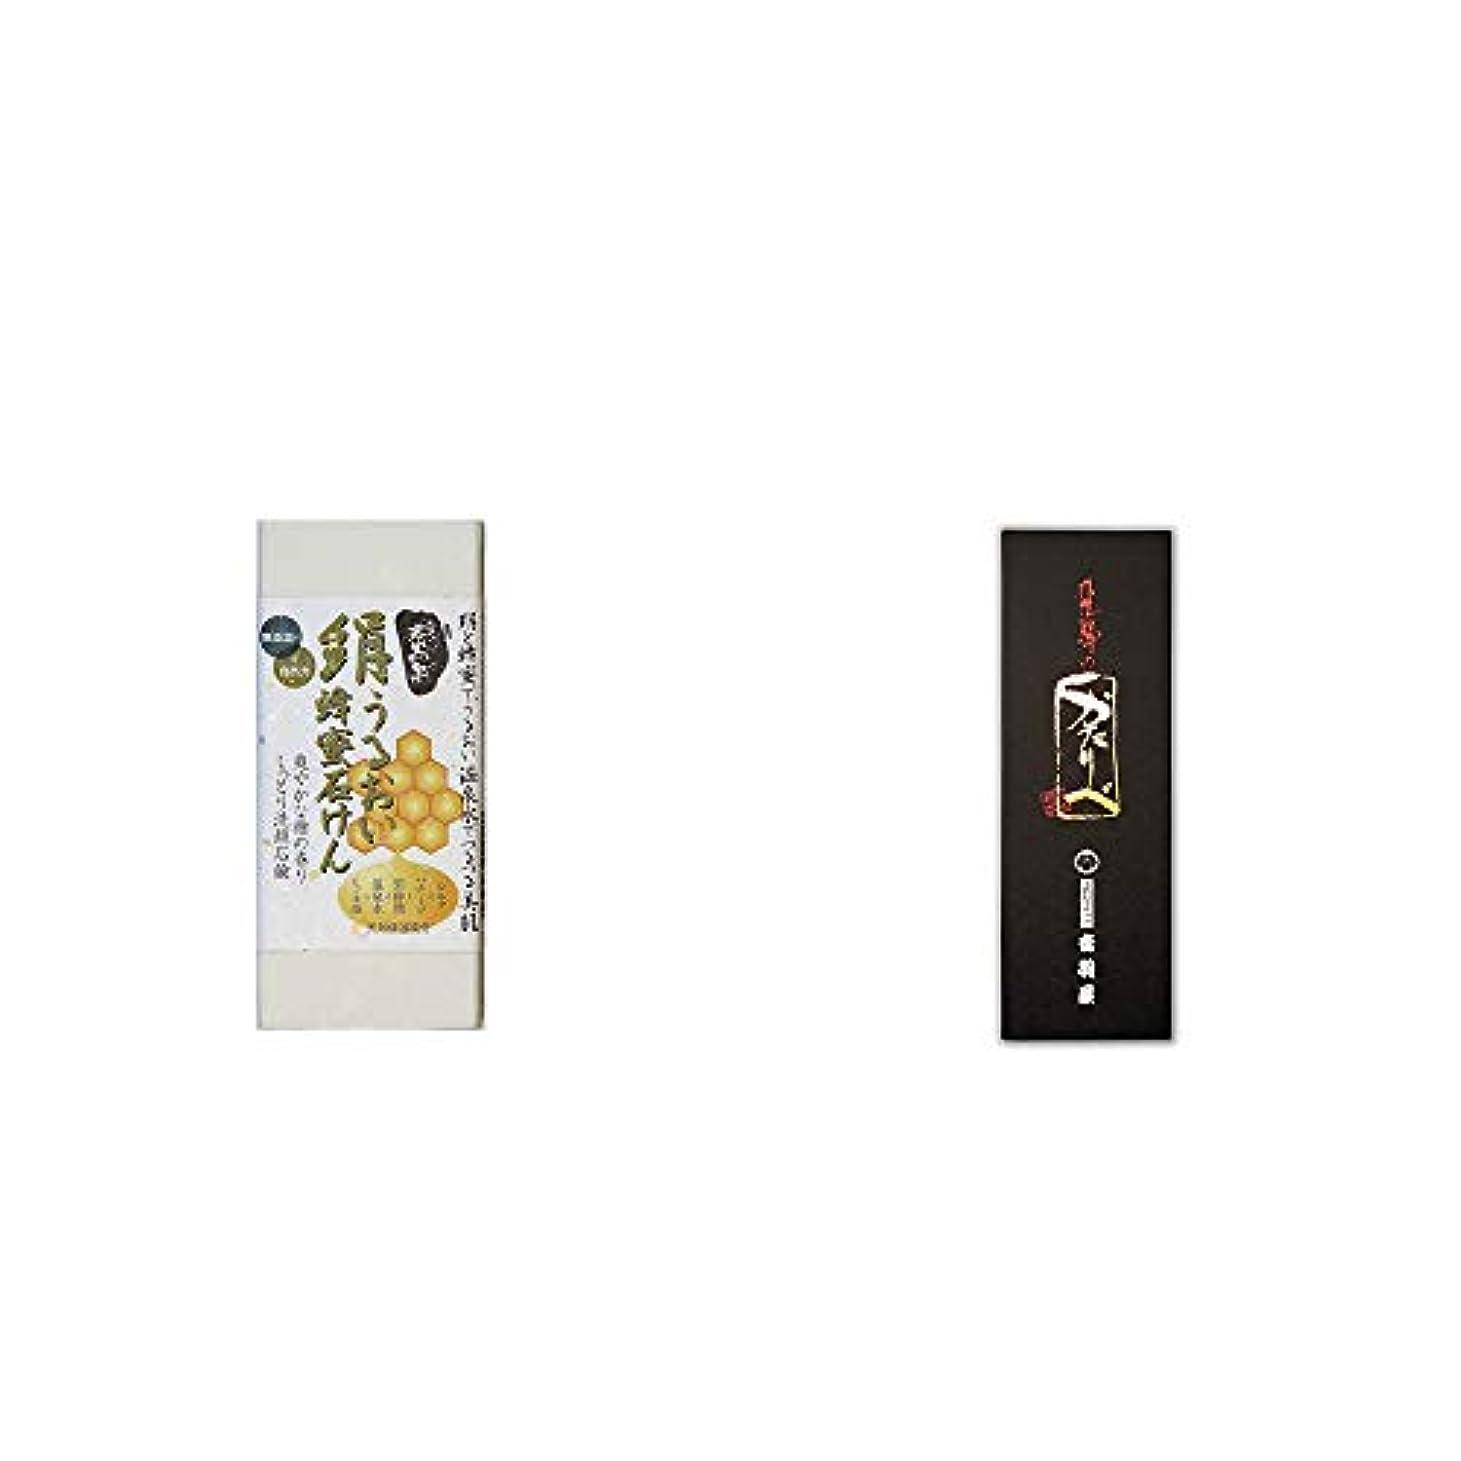 無森林ピザ[2点セット] ひのき炭黒泉 絹うるおい蜂蜜石けん(75g×2)?岐阜銘菓 音羽屋 飛騨のかたりべ[6個入]